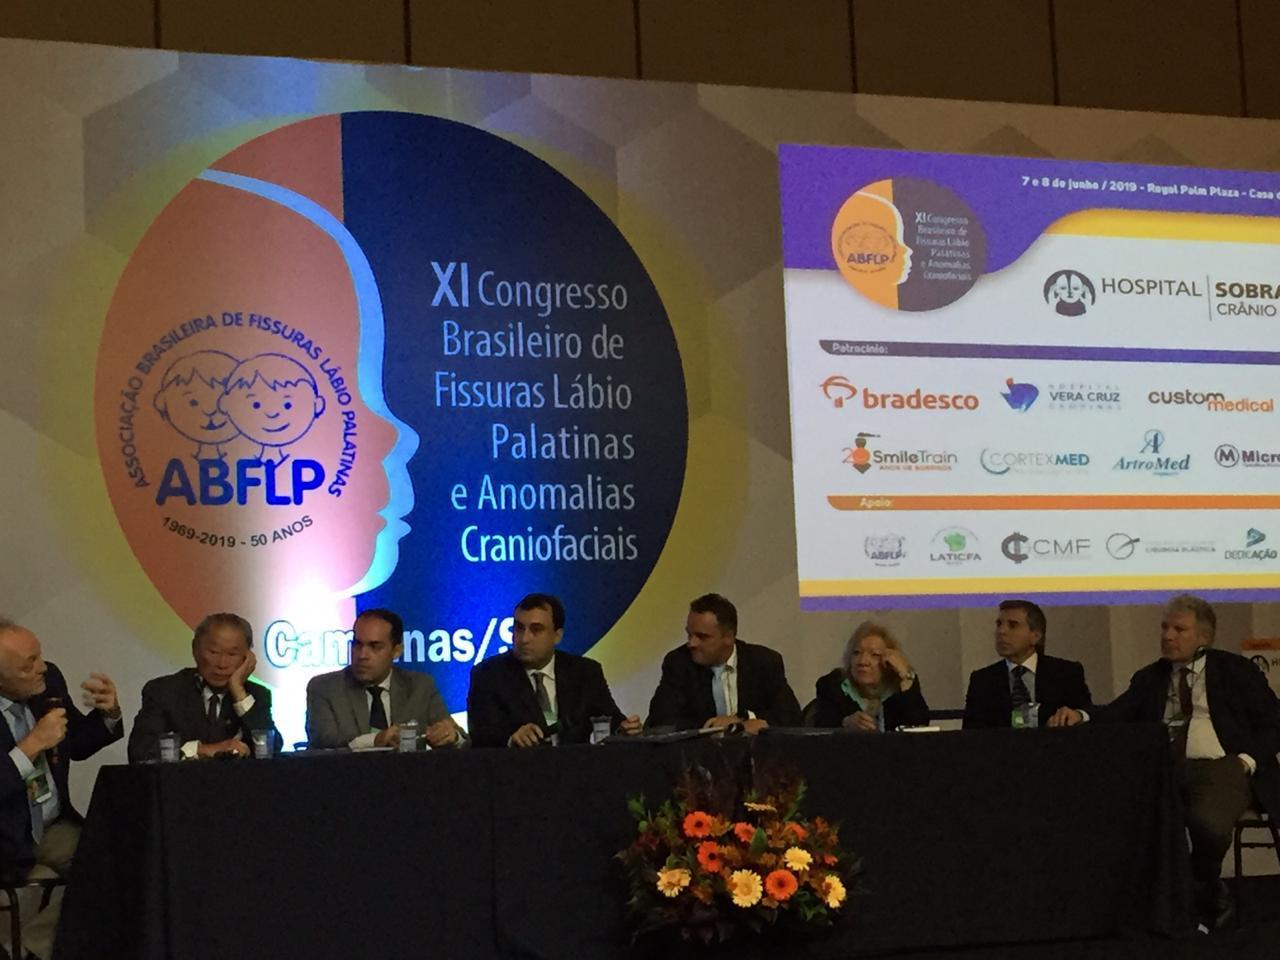 Dr. Giugliano en Congreso Brasilero de Fisuras Labio Palatinas y Anomalías Craniofaciales - junio 2019